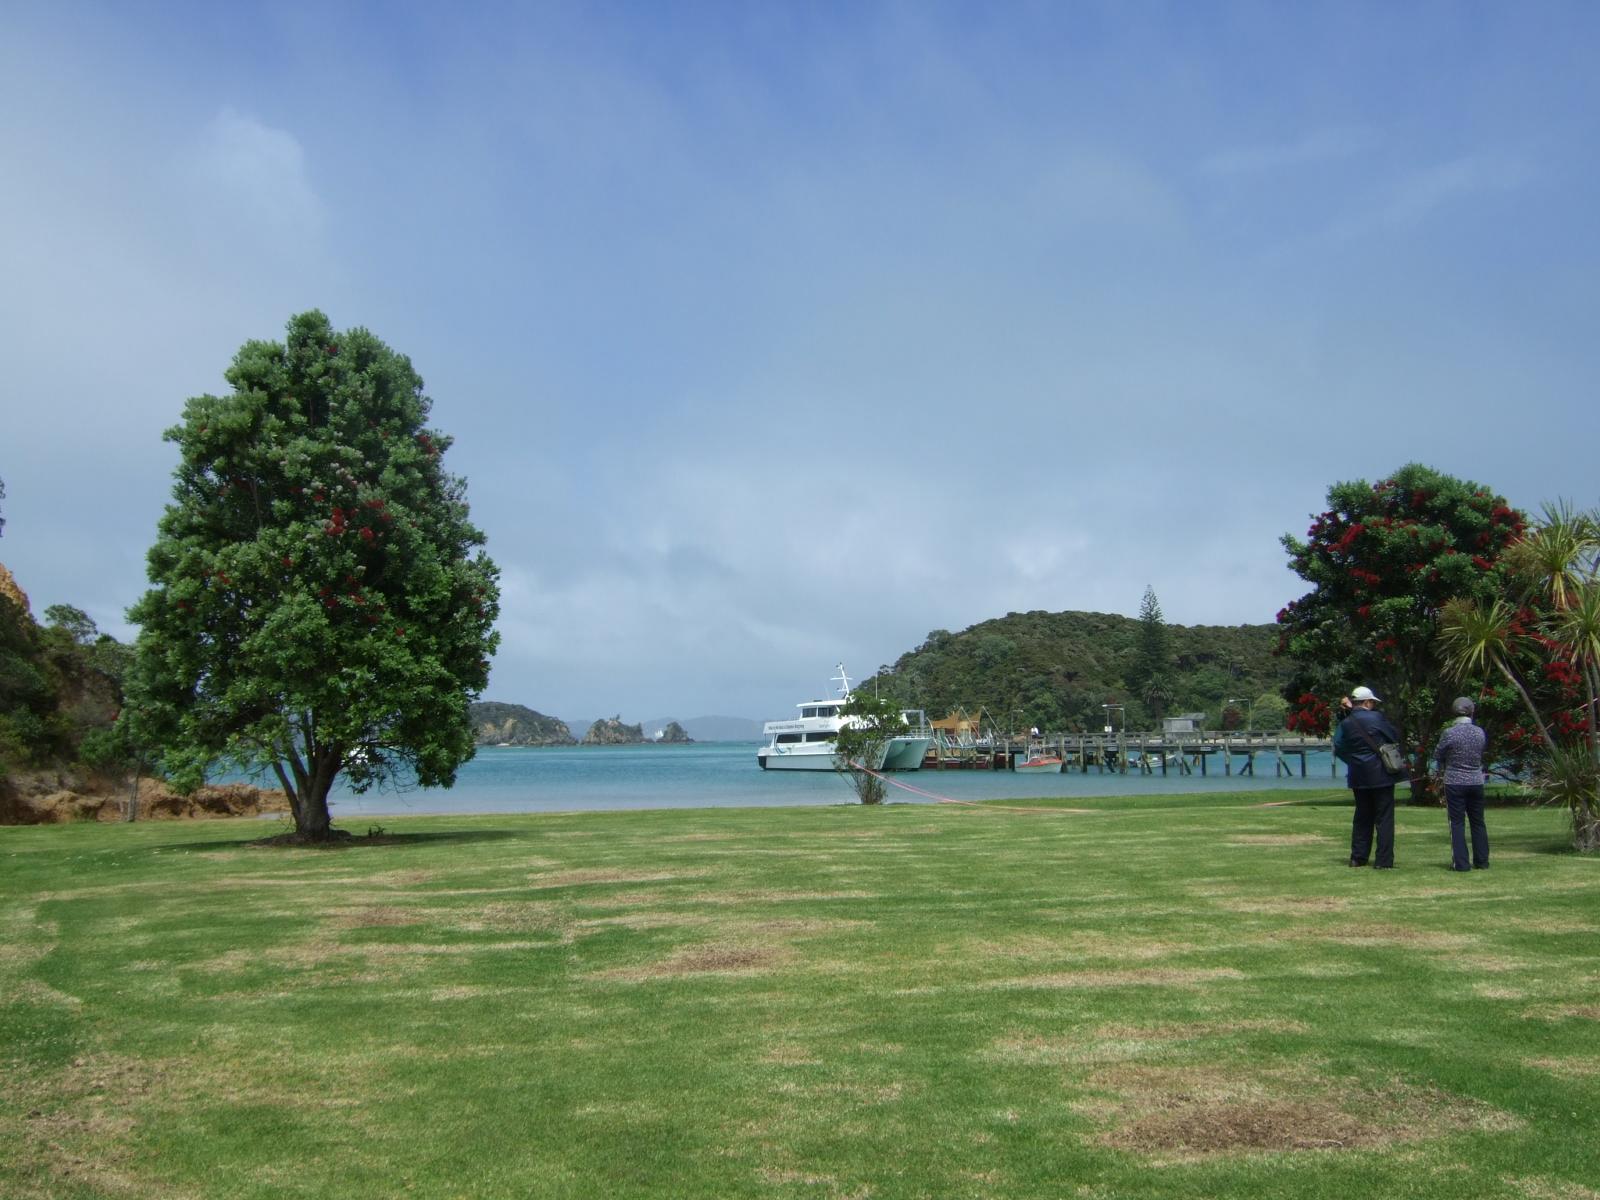 ウルプカプカ島,芝生,浜,港,桟橋,NZ〈著作権フリー無料画像〉Free Stock Photos